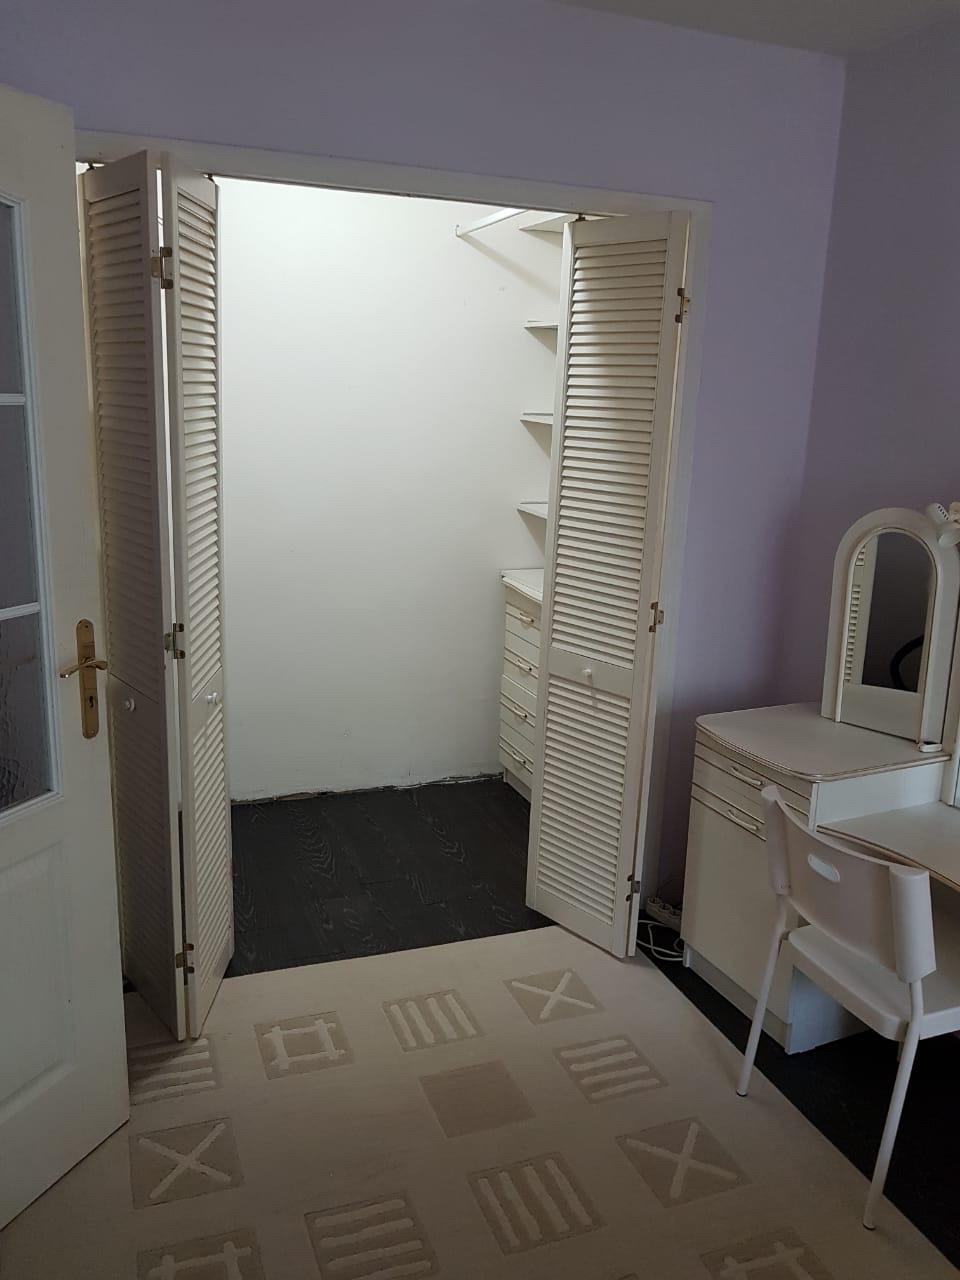 Квартира, 2 комнаты, 45 м² в Москве 89031007769 купить 5